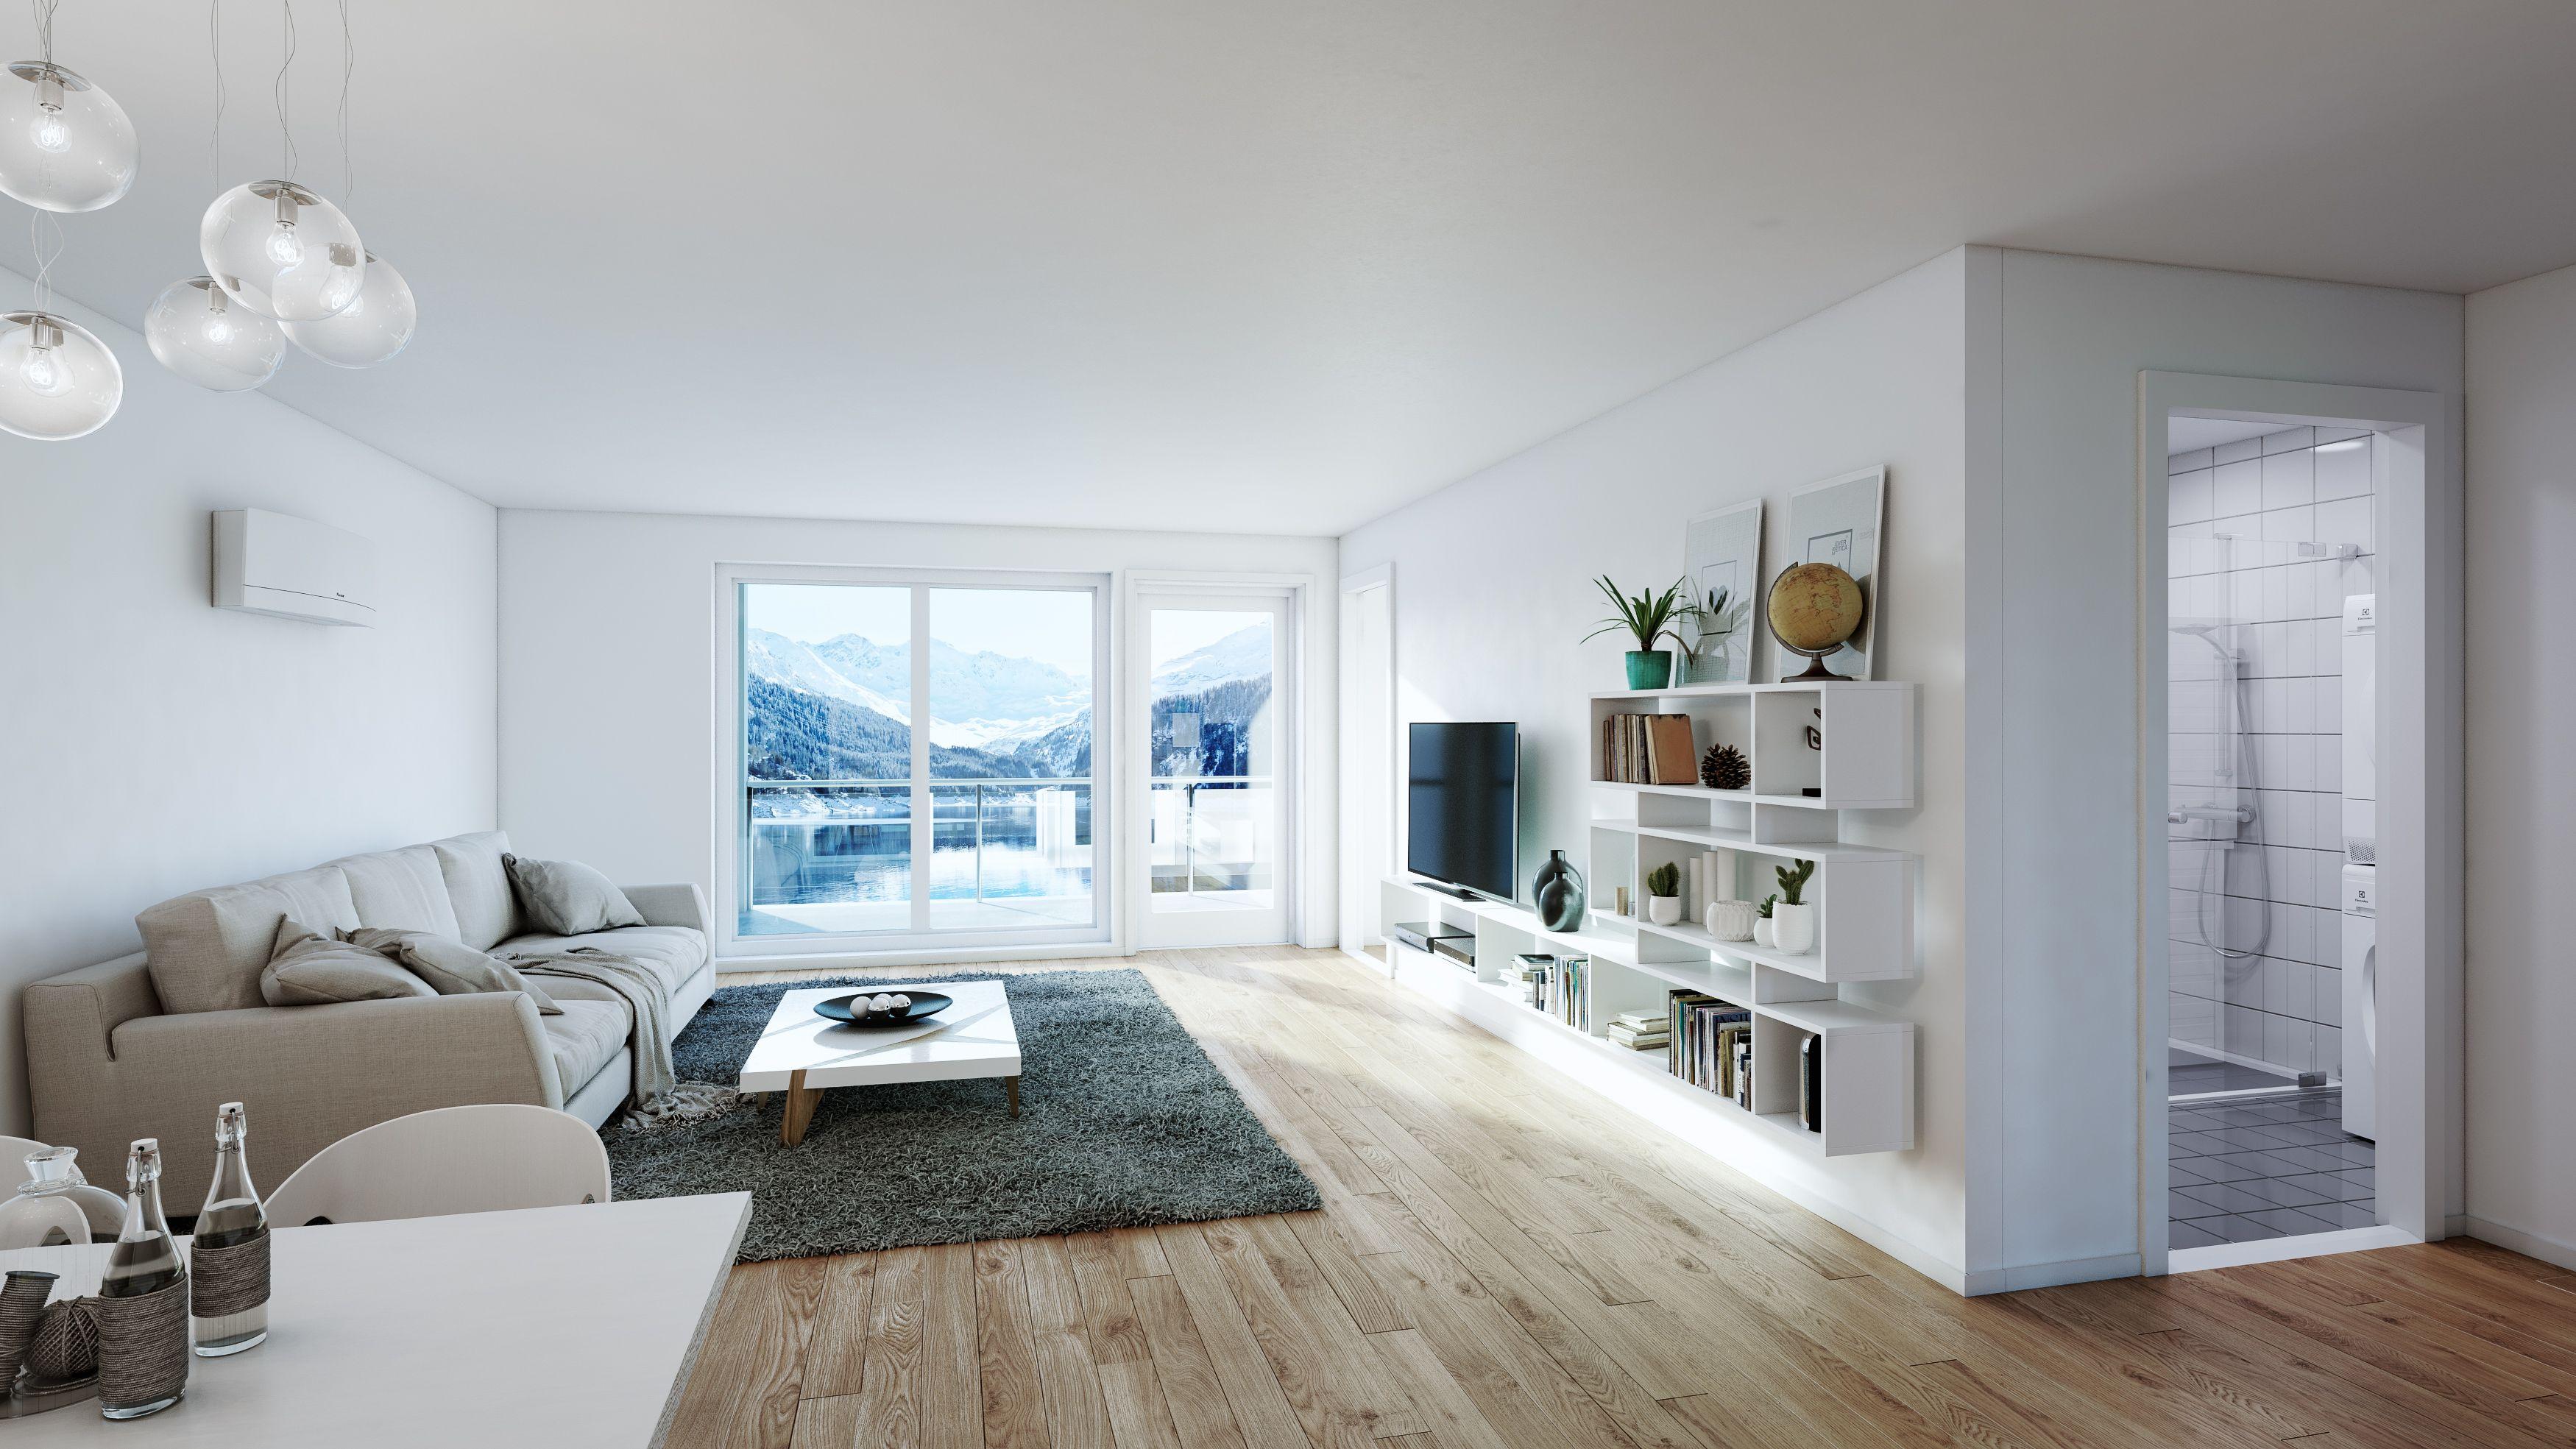 Emura Ii 6 7kw Hvit Daikin Norway Design Modell Aircondition Hjem Moderne Hjem Design